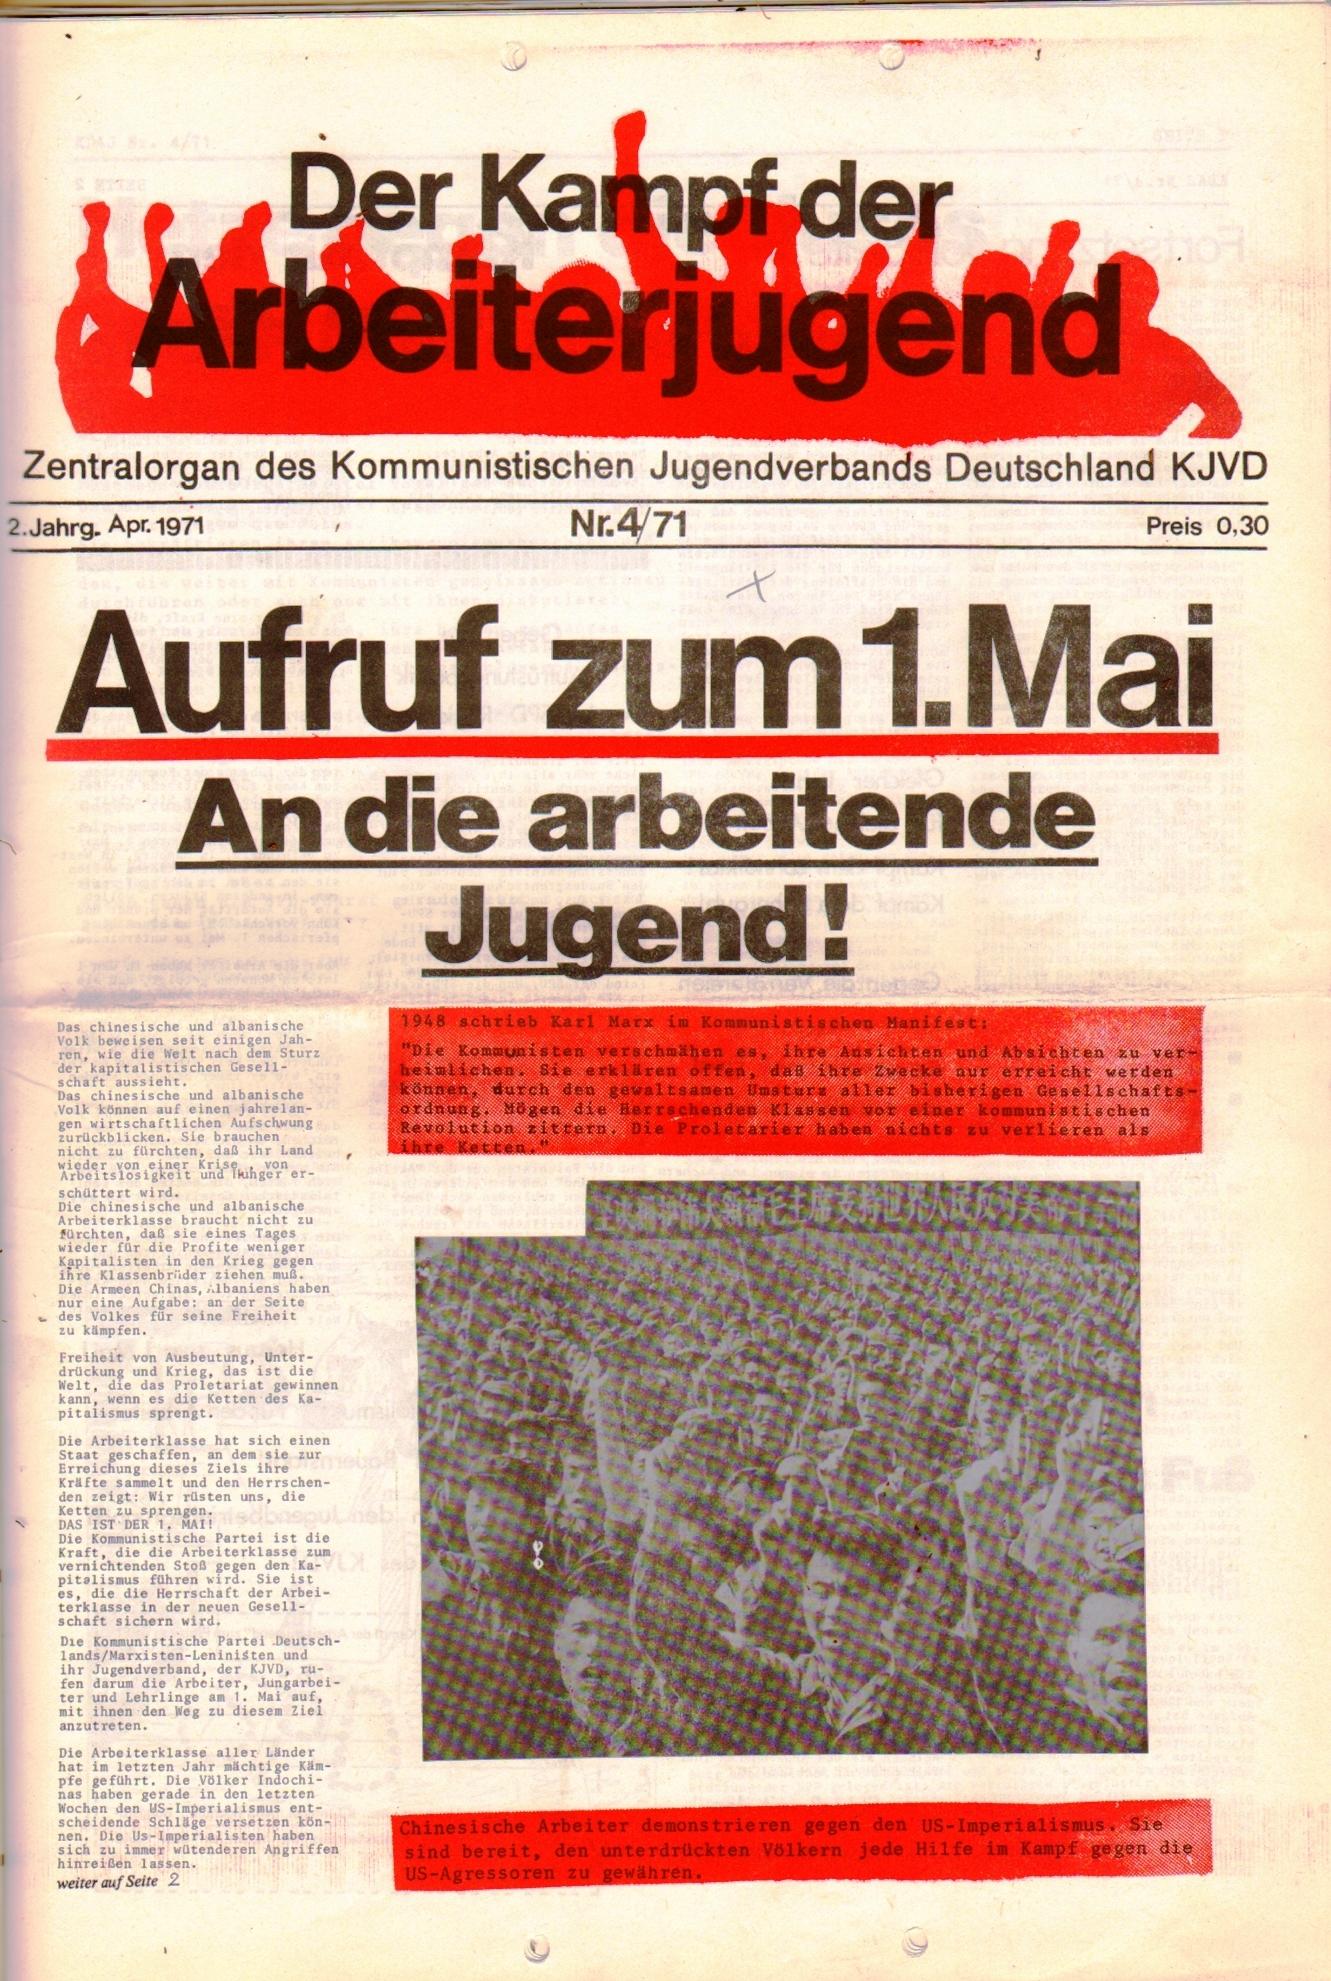 KDAJ, 2. Jg., April 1971, Nr. 4, Seite 1